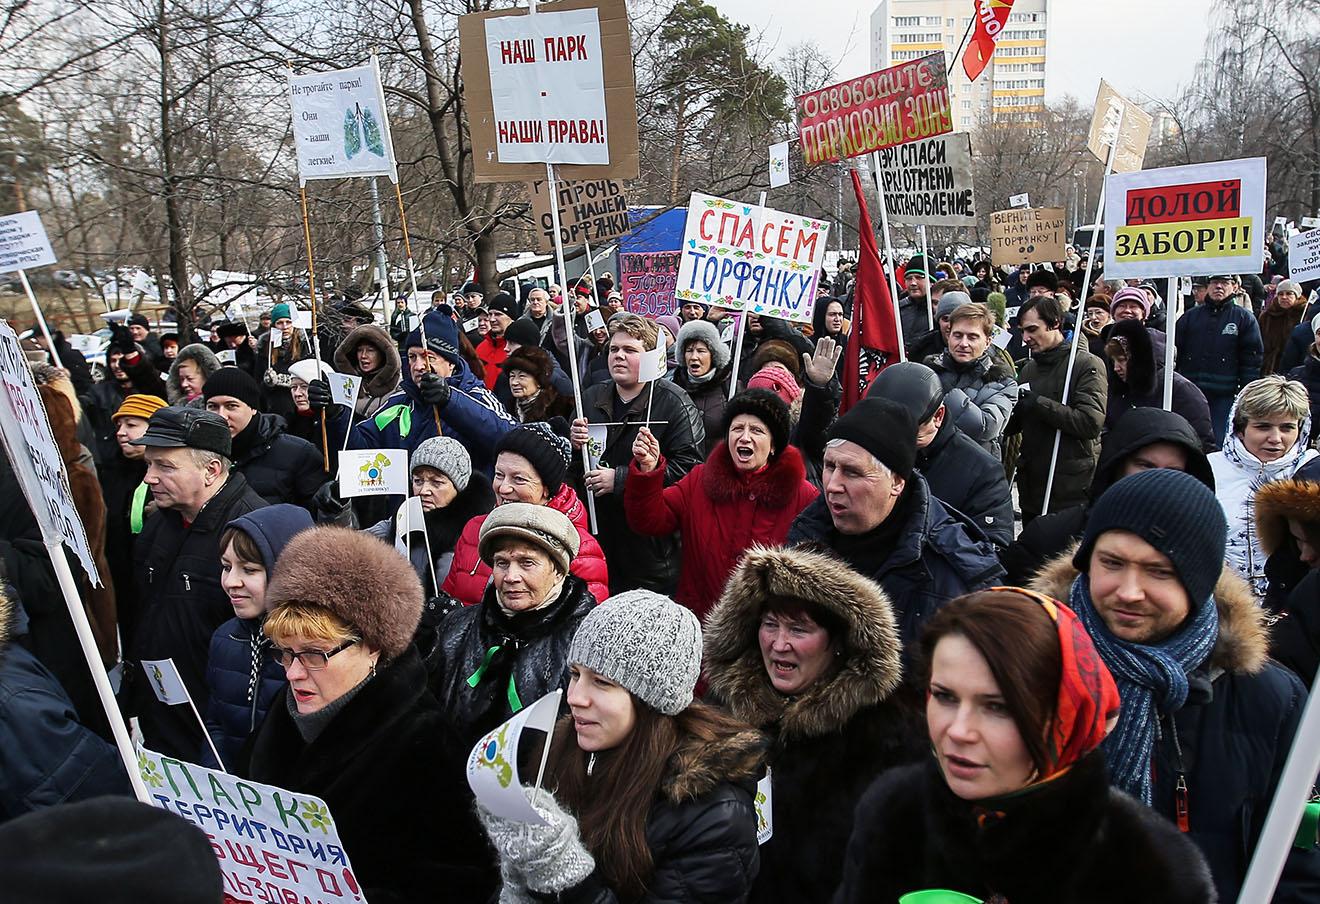 Участники митинга против строительства храма на территории парка «Торфянка» в Лосиноостровском районе, 21 февраля 2016 года.